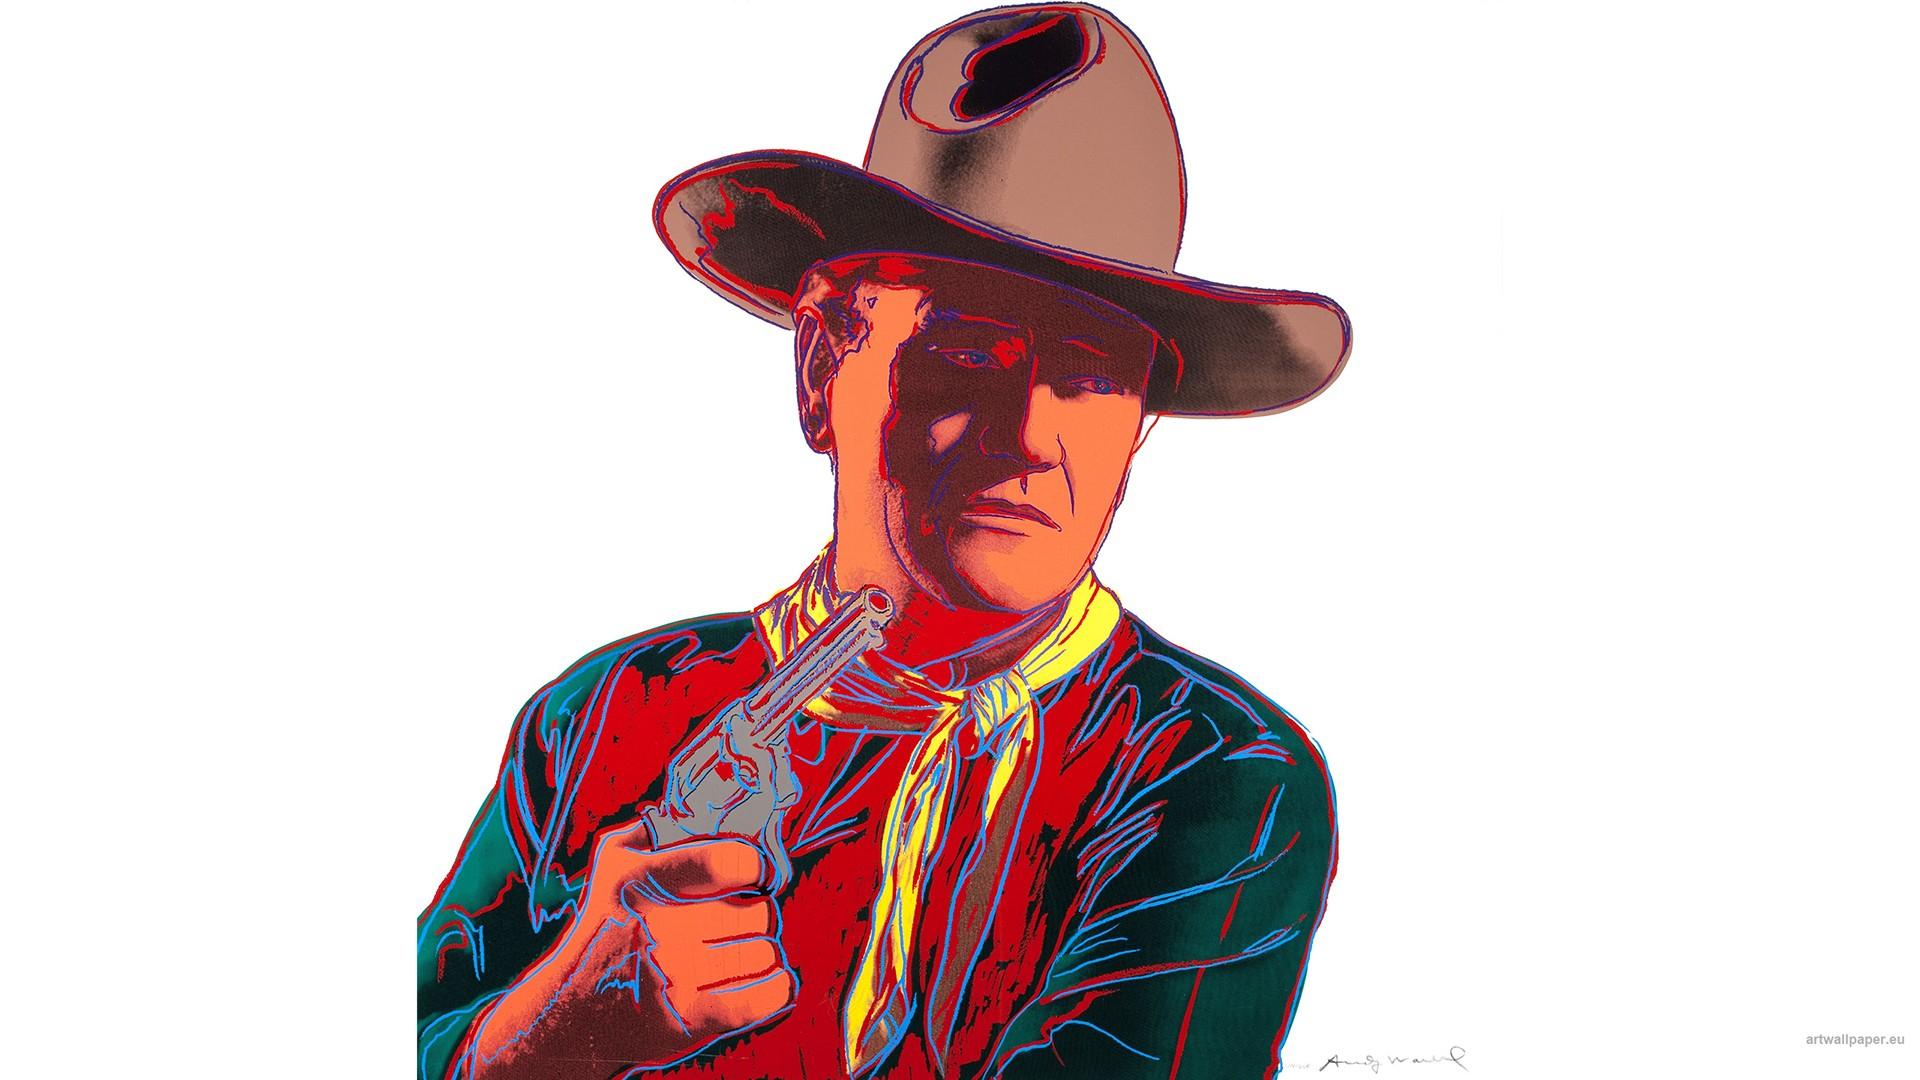 john wayne wallpaper download art print willoughby bob 23